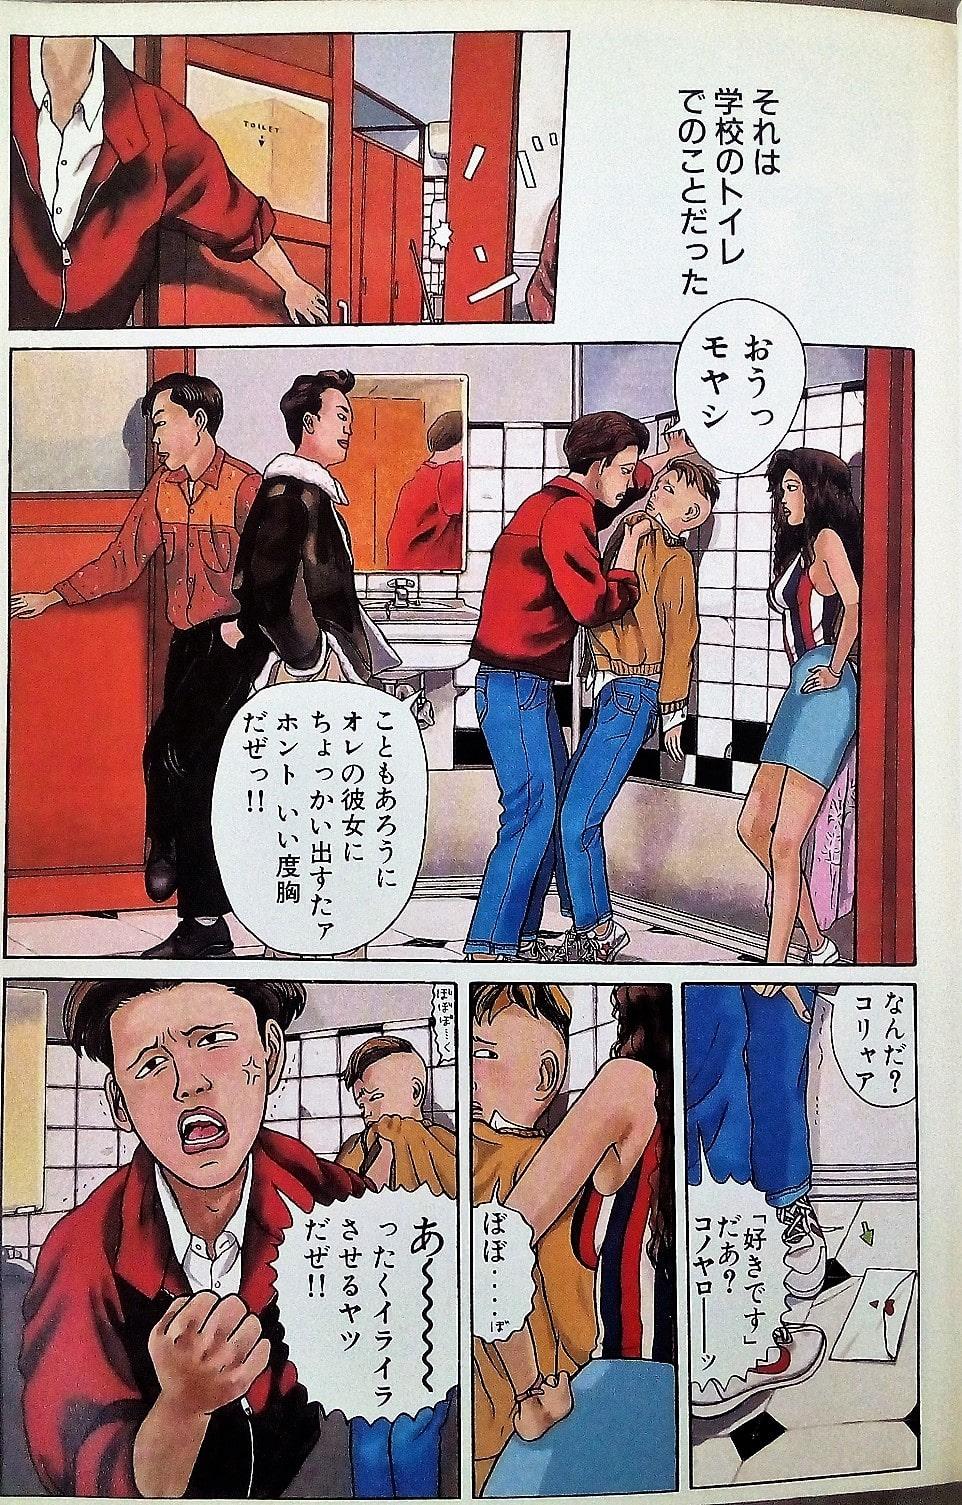 Zutto Saki No Hanashi (Minetaro Mochizuki)_BreVisioni